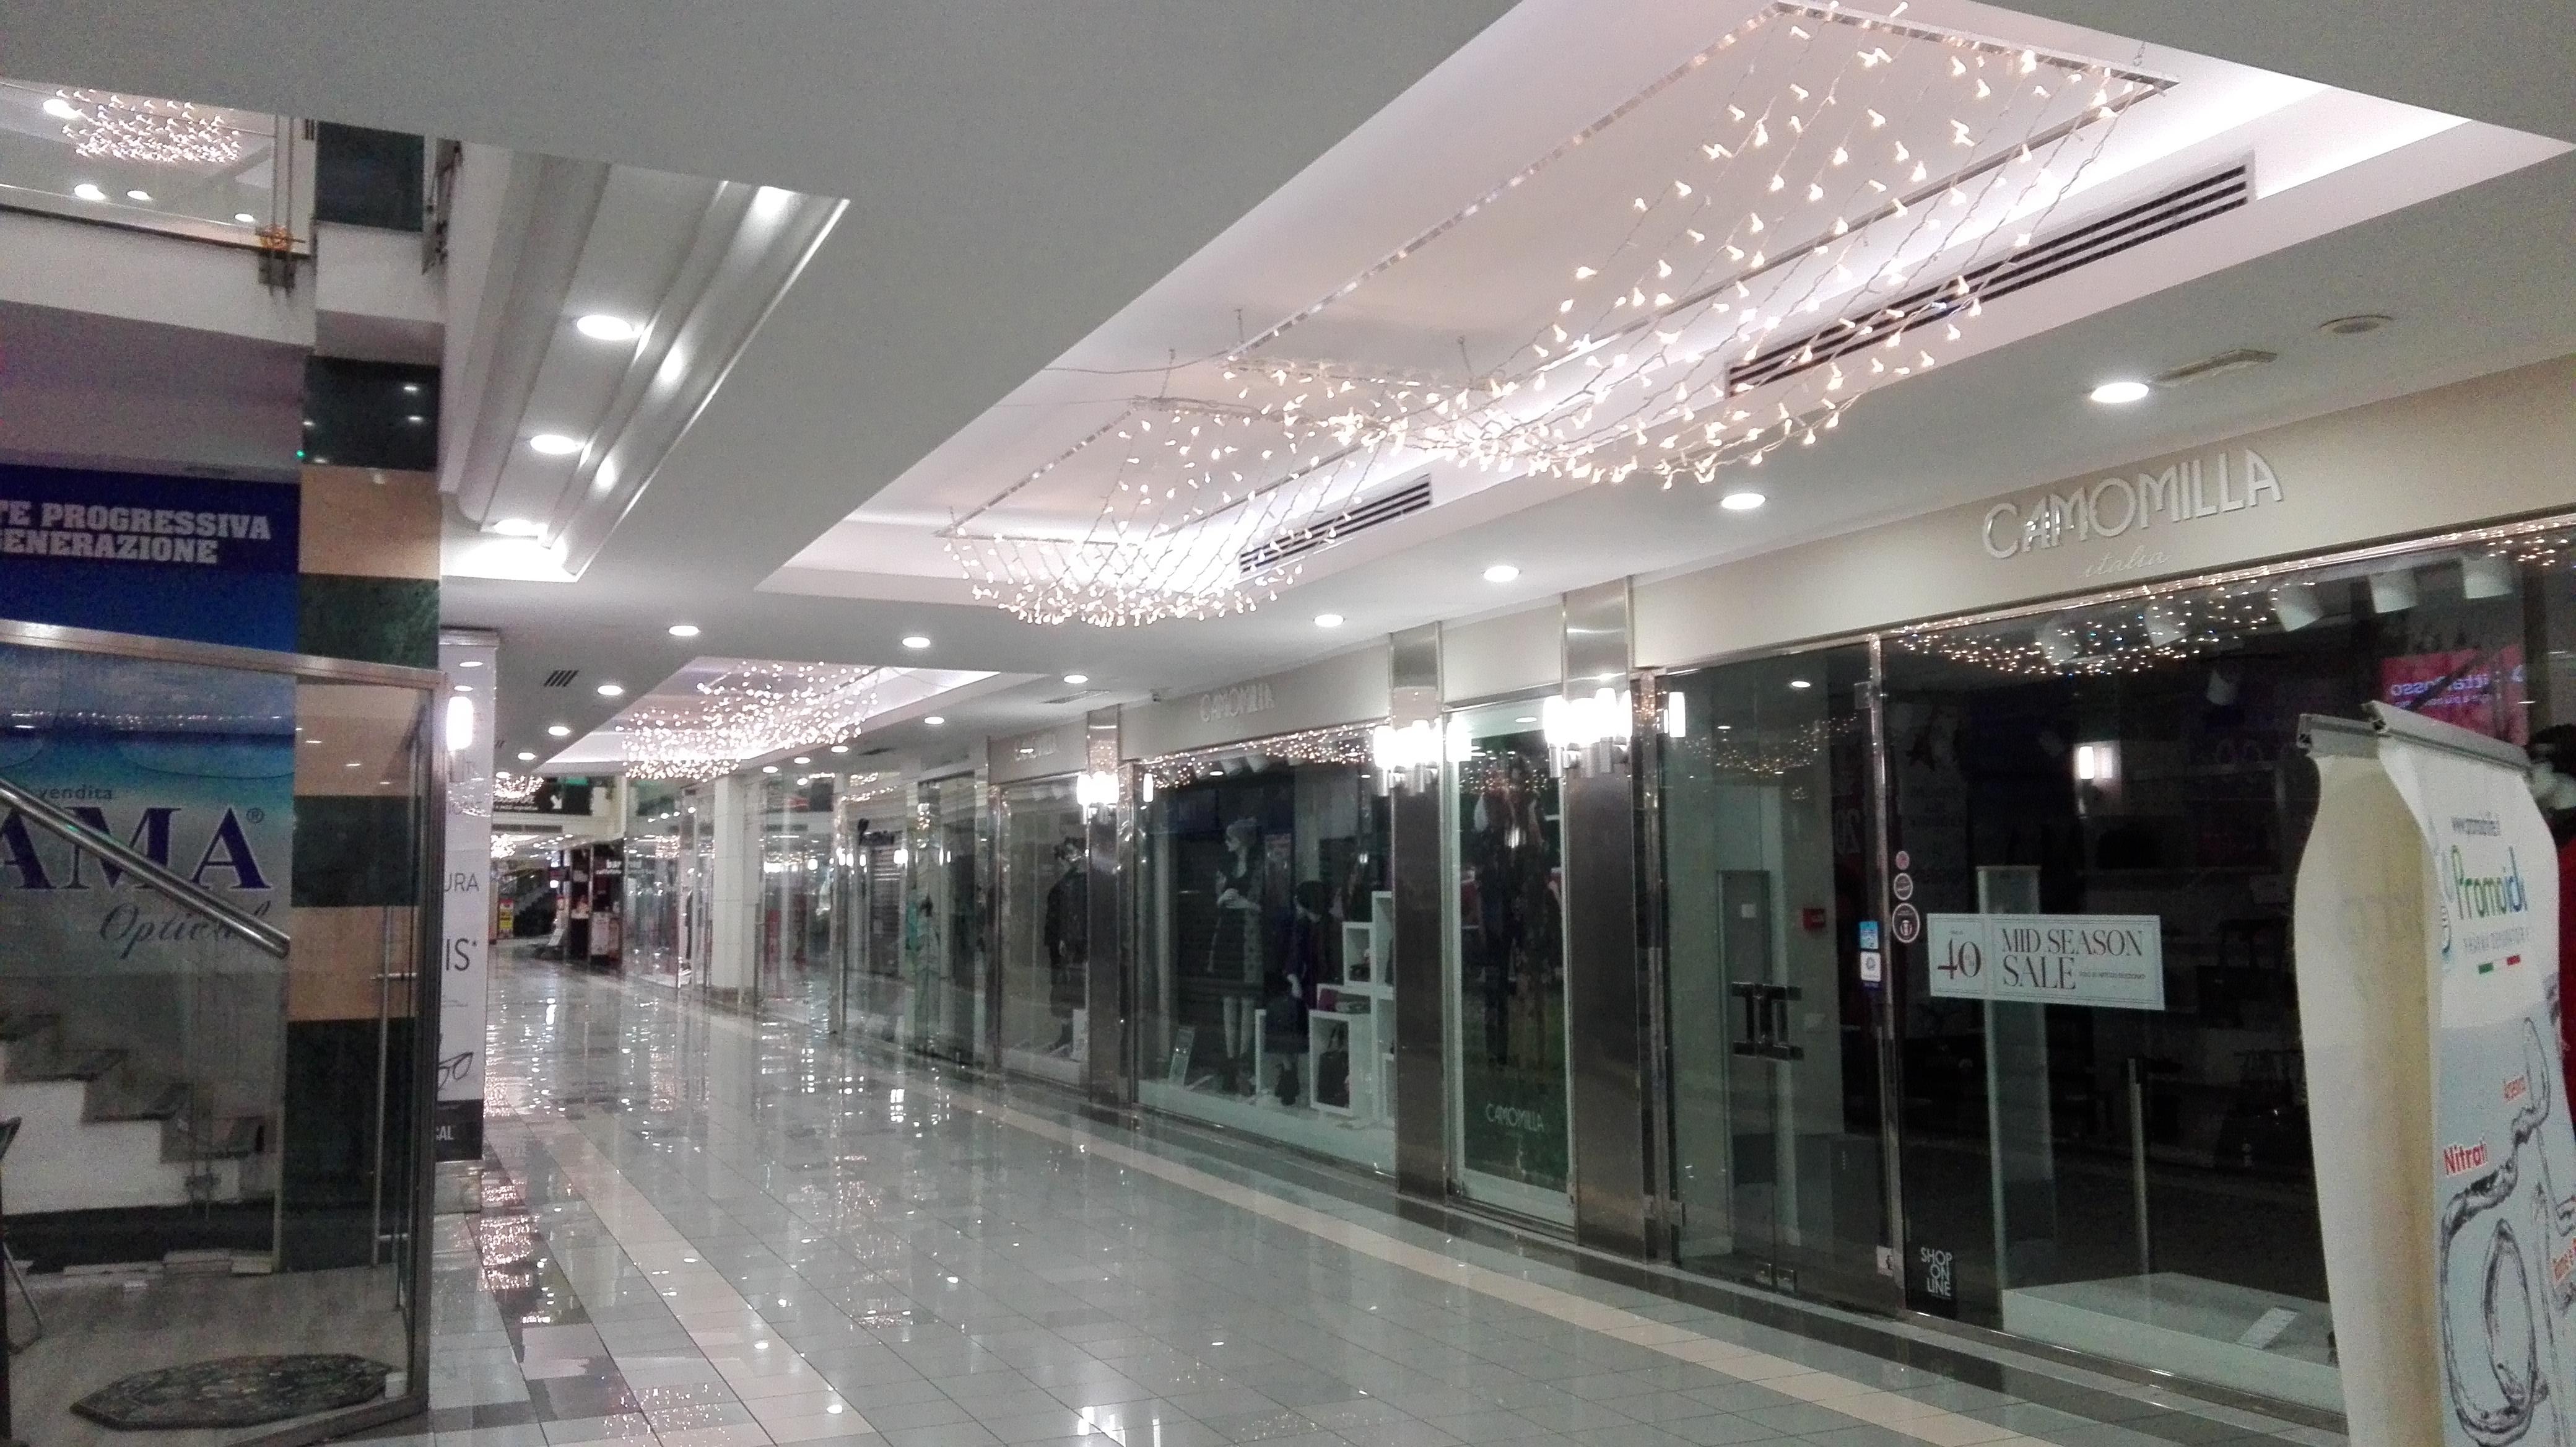 lampadario luminarie centro